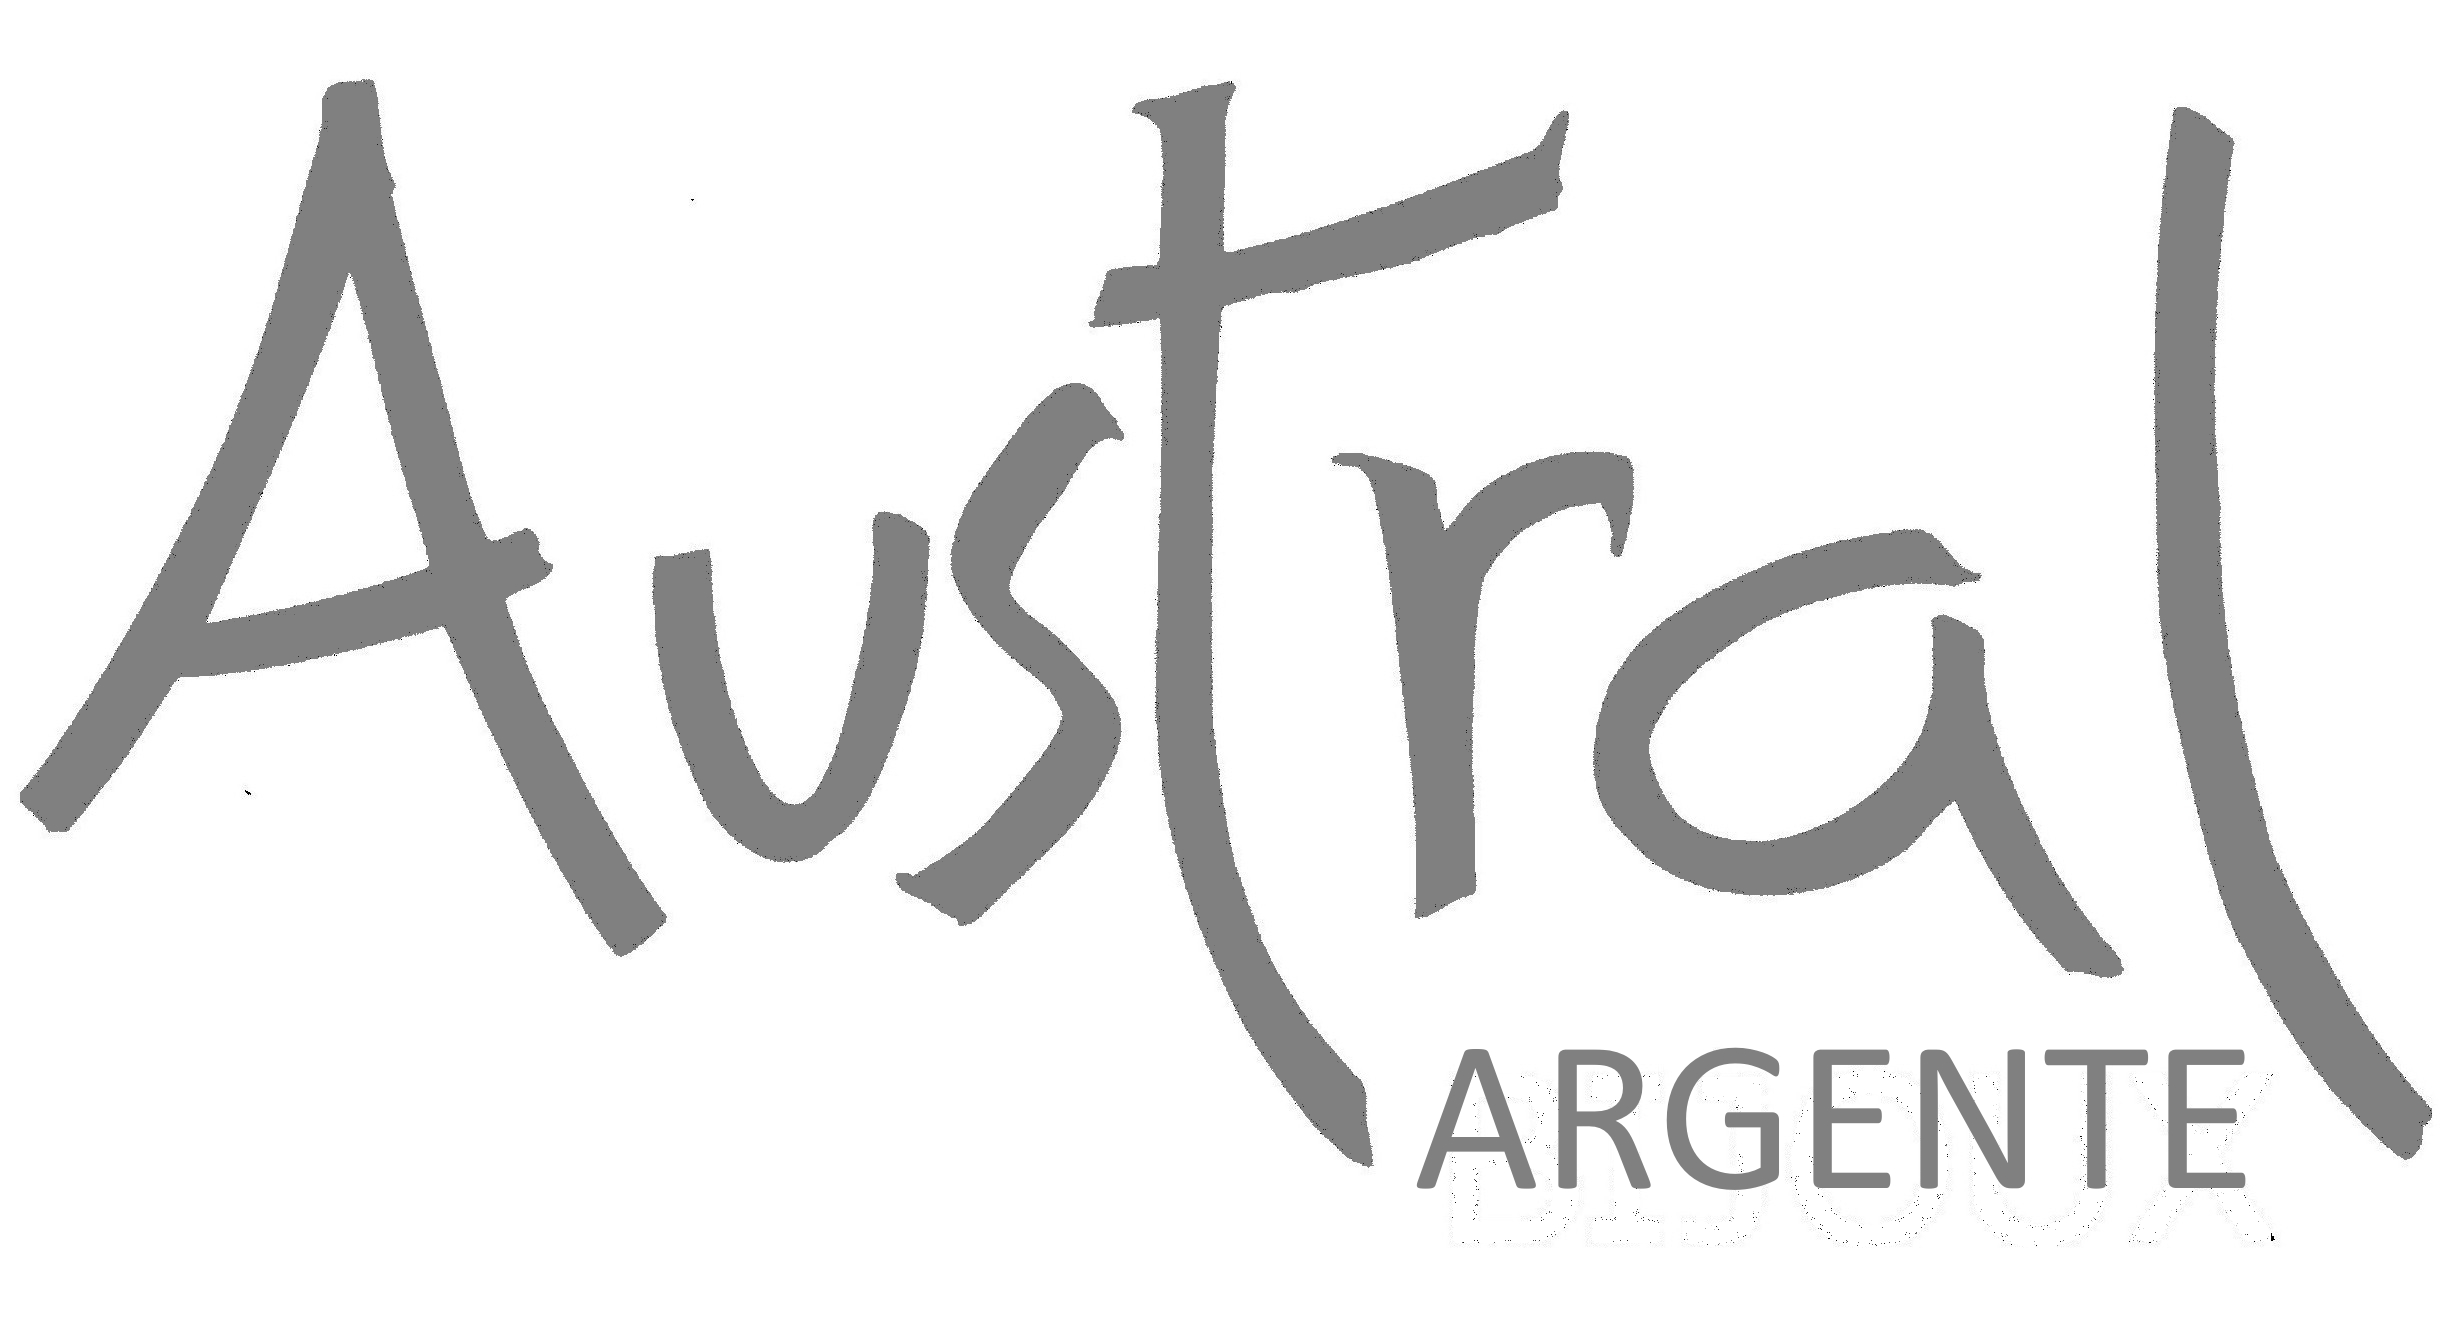 Austral Argenté